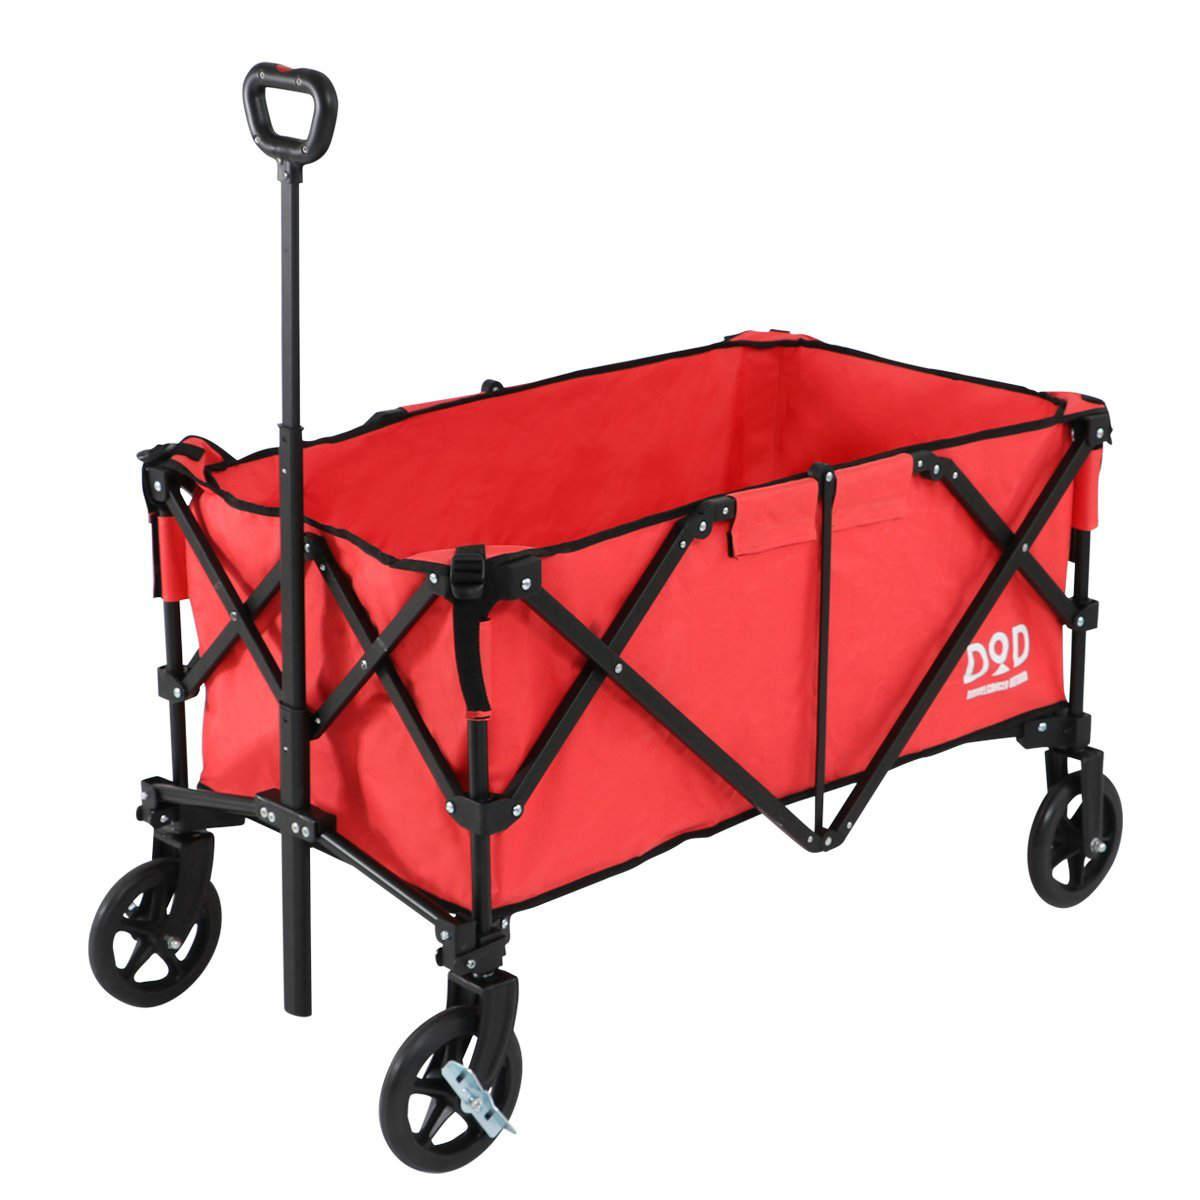 【あす楽】DOD アルミキャリーワゴン C2-534-RD | サーモンピンク | 耐荷重100kg | 大容量160L | 超軽量10.4kg